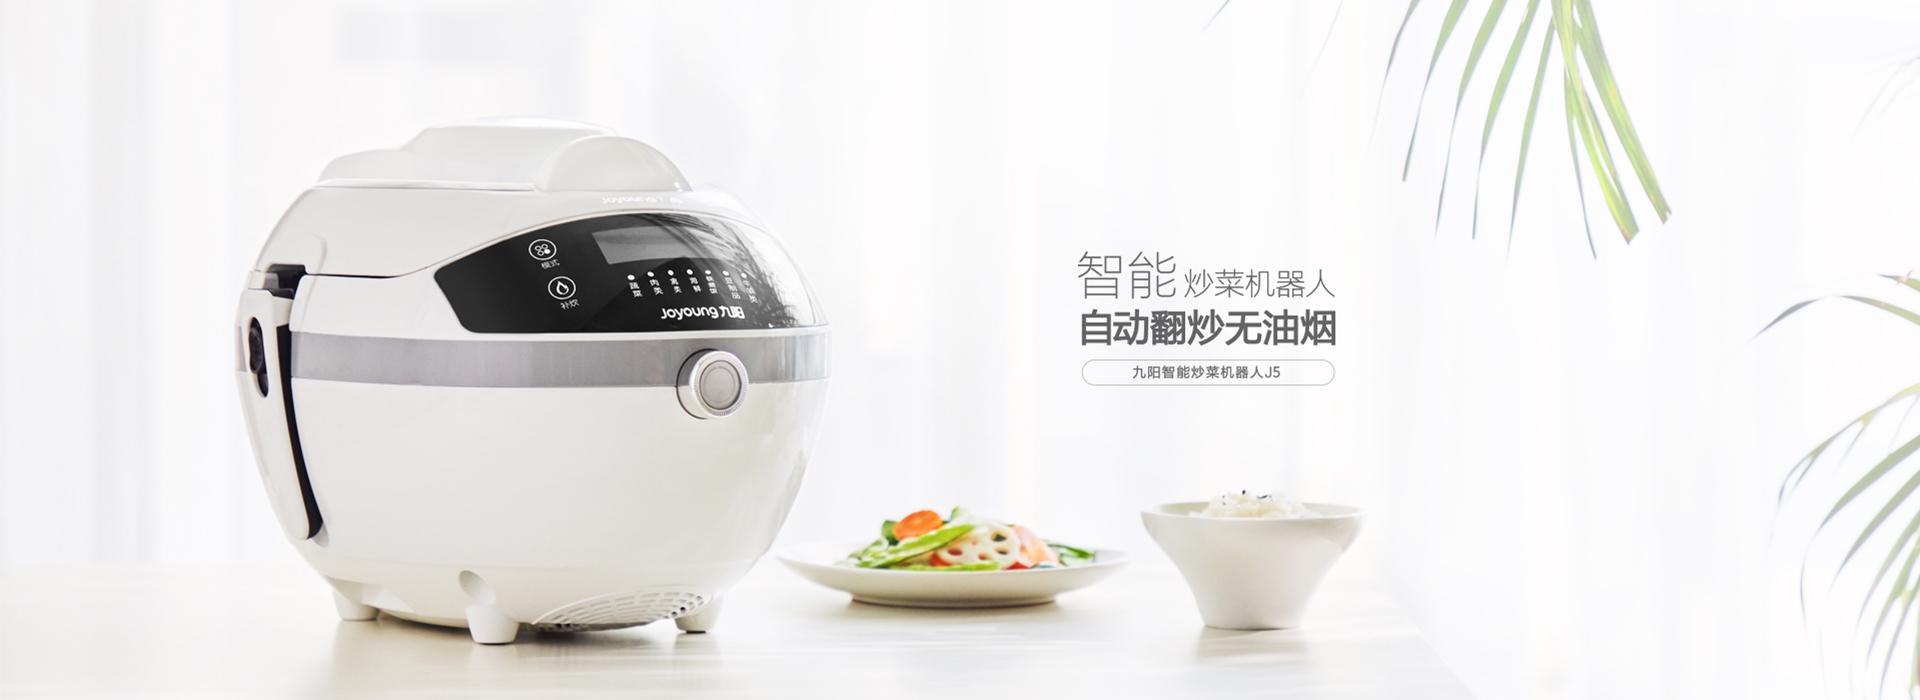 炒菜機器人J5跳轉頁